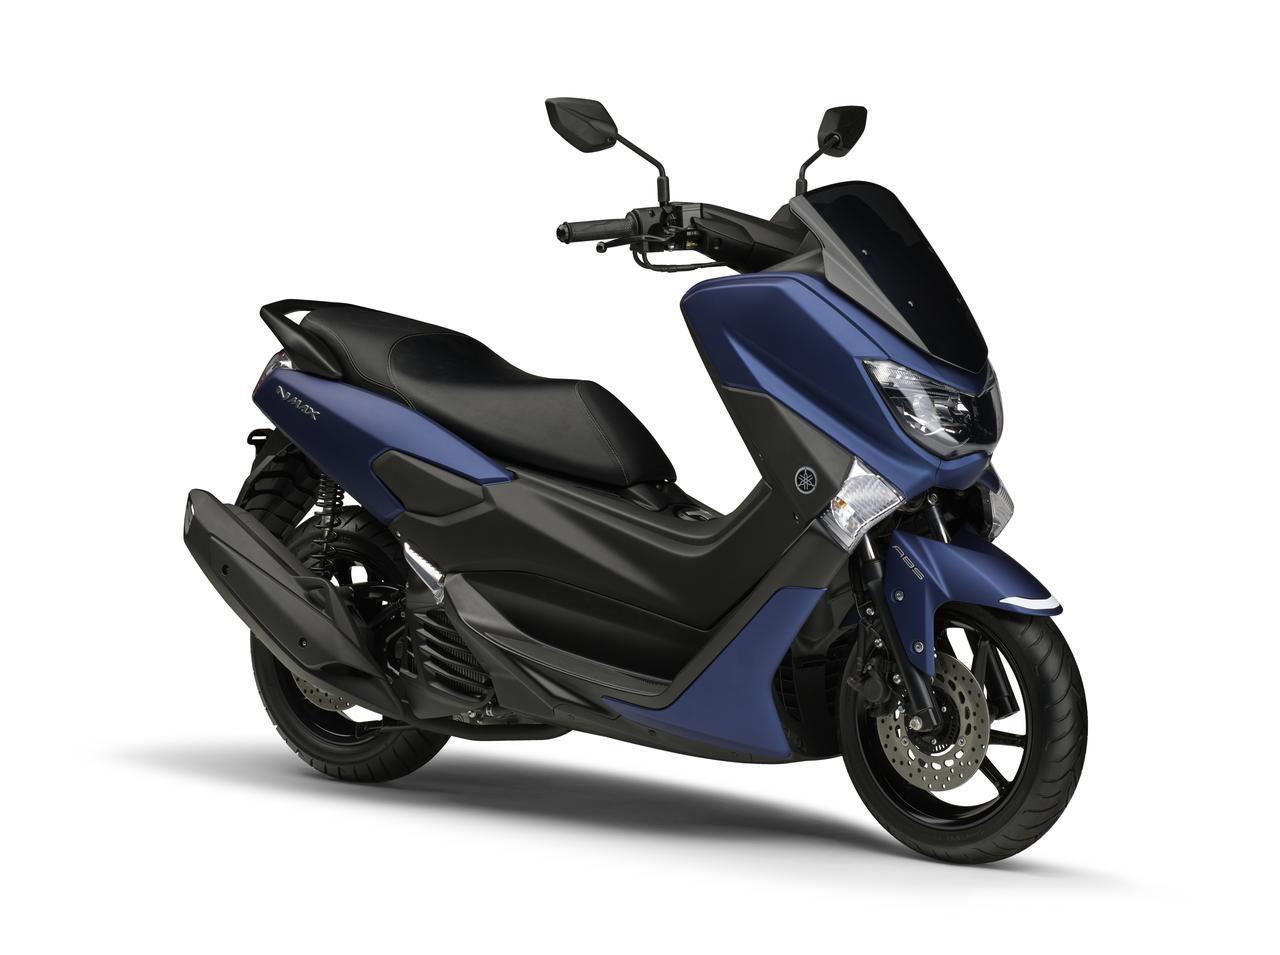 画像: ヤマハの原付二種「NMAX ABS」2020年モデル情報|新色が4月25日に発売!【価格・発売日・カラー・スペック】 - webオートバイ